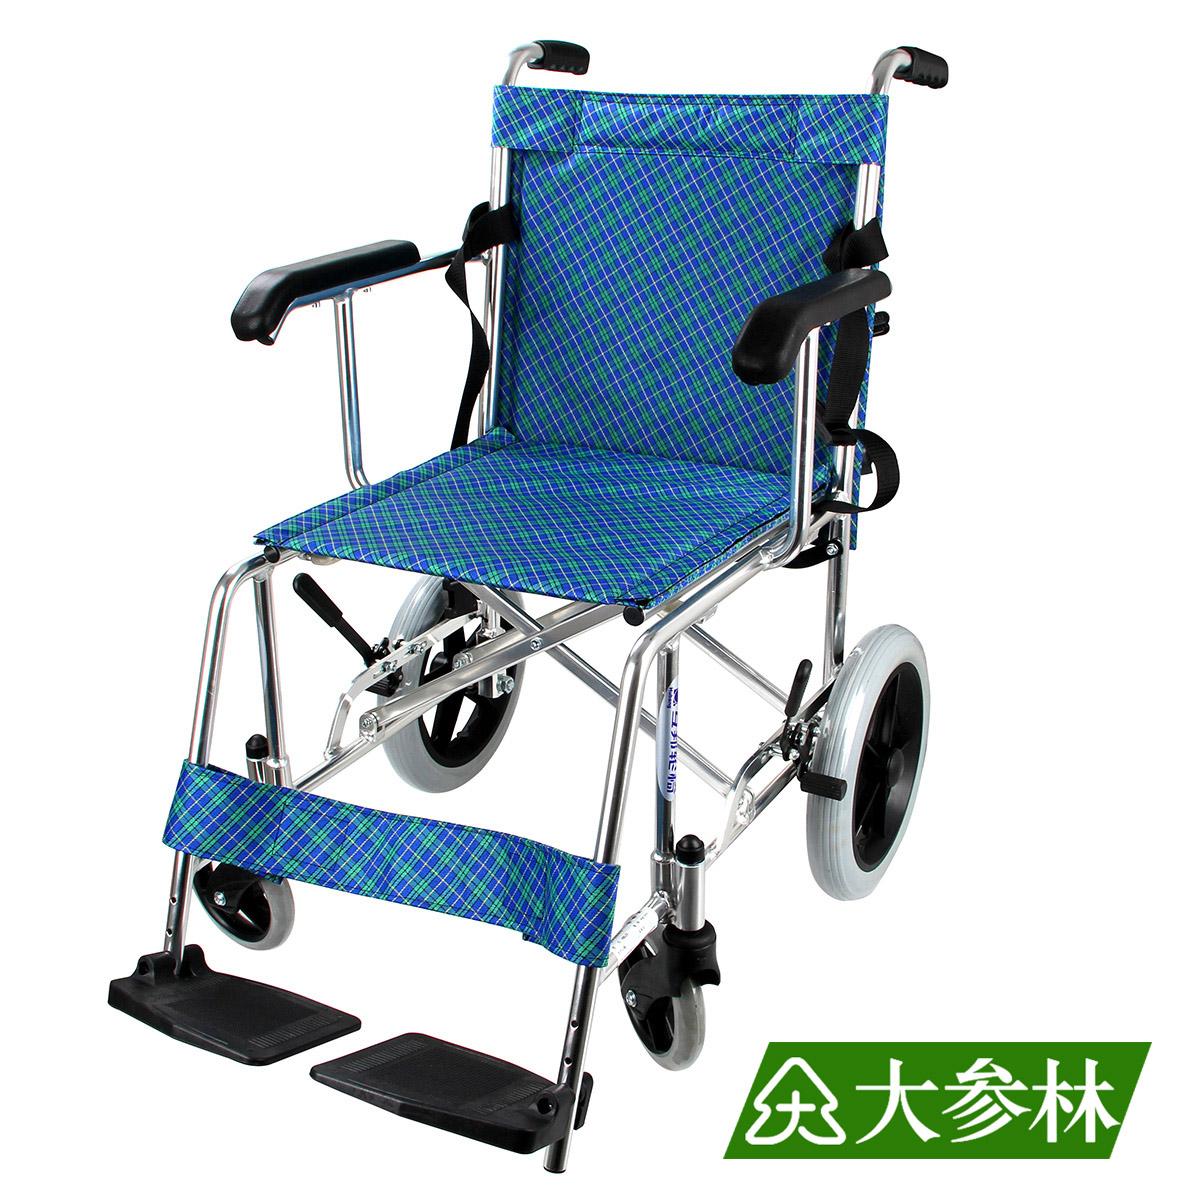 限2000张券互邦轮椅 铝合金折叠 轻便旅游轮椅残疾人老人 钢管轮椅 HBL23